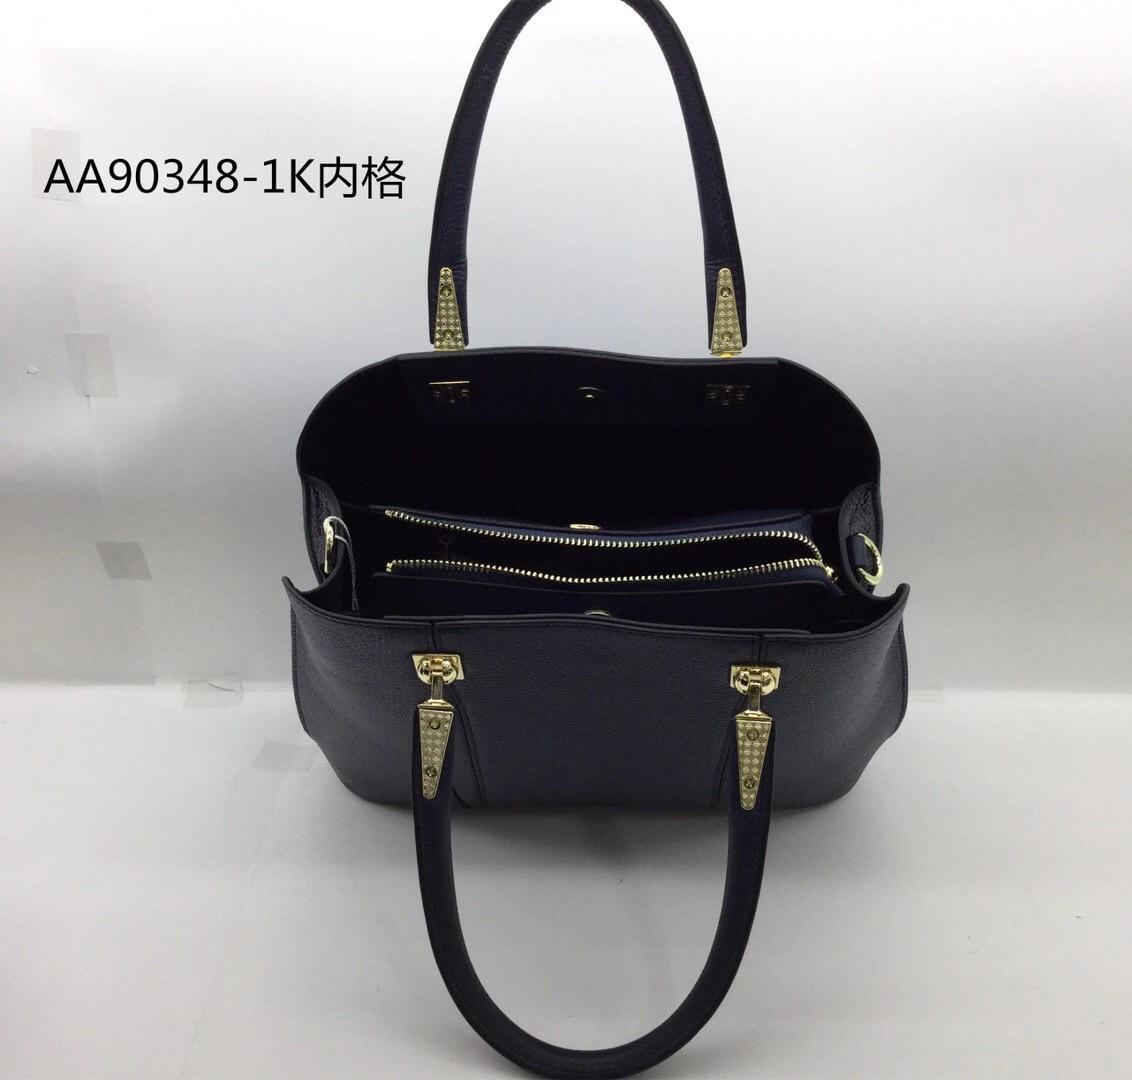 边圆新款女士手提包,可以背时尚洋气,材质:进口头层牛皮,规格:290*125*235CM带图细节